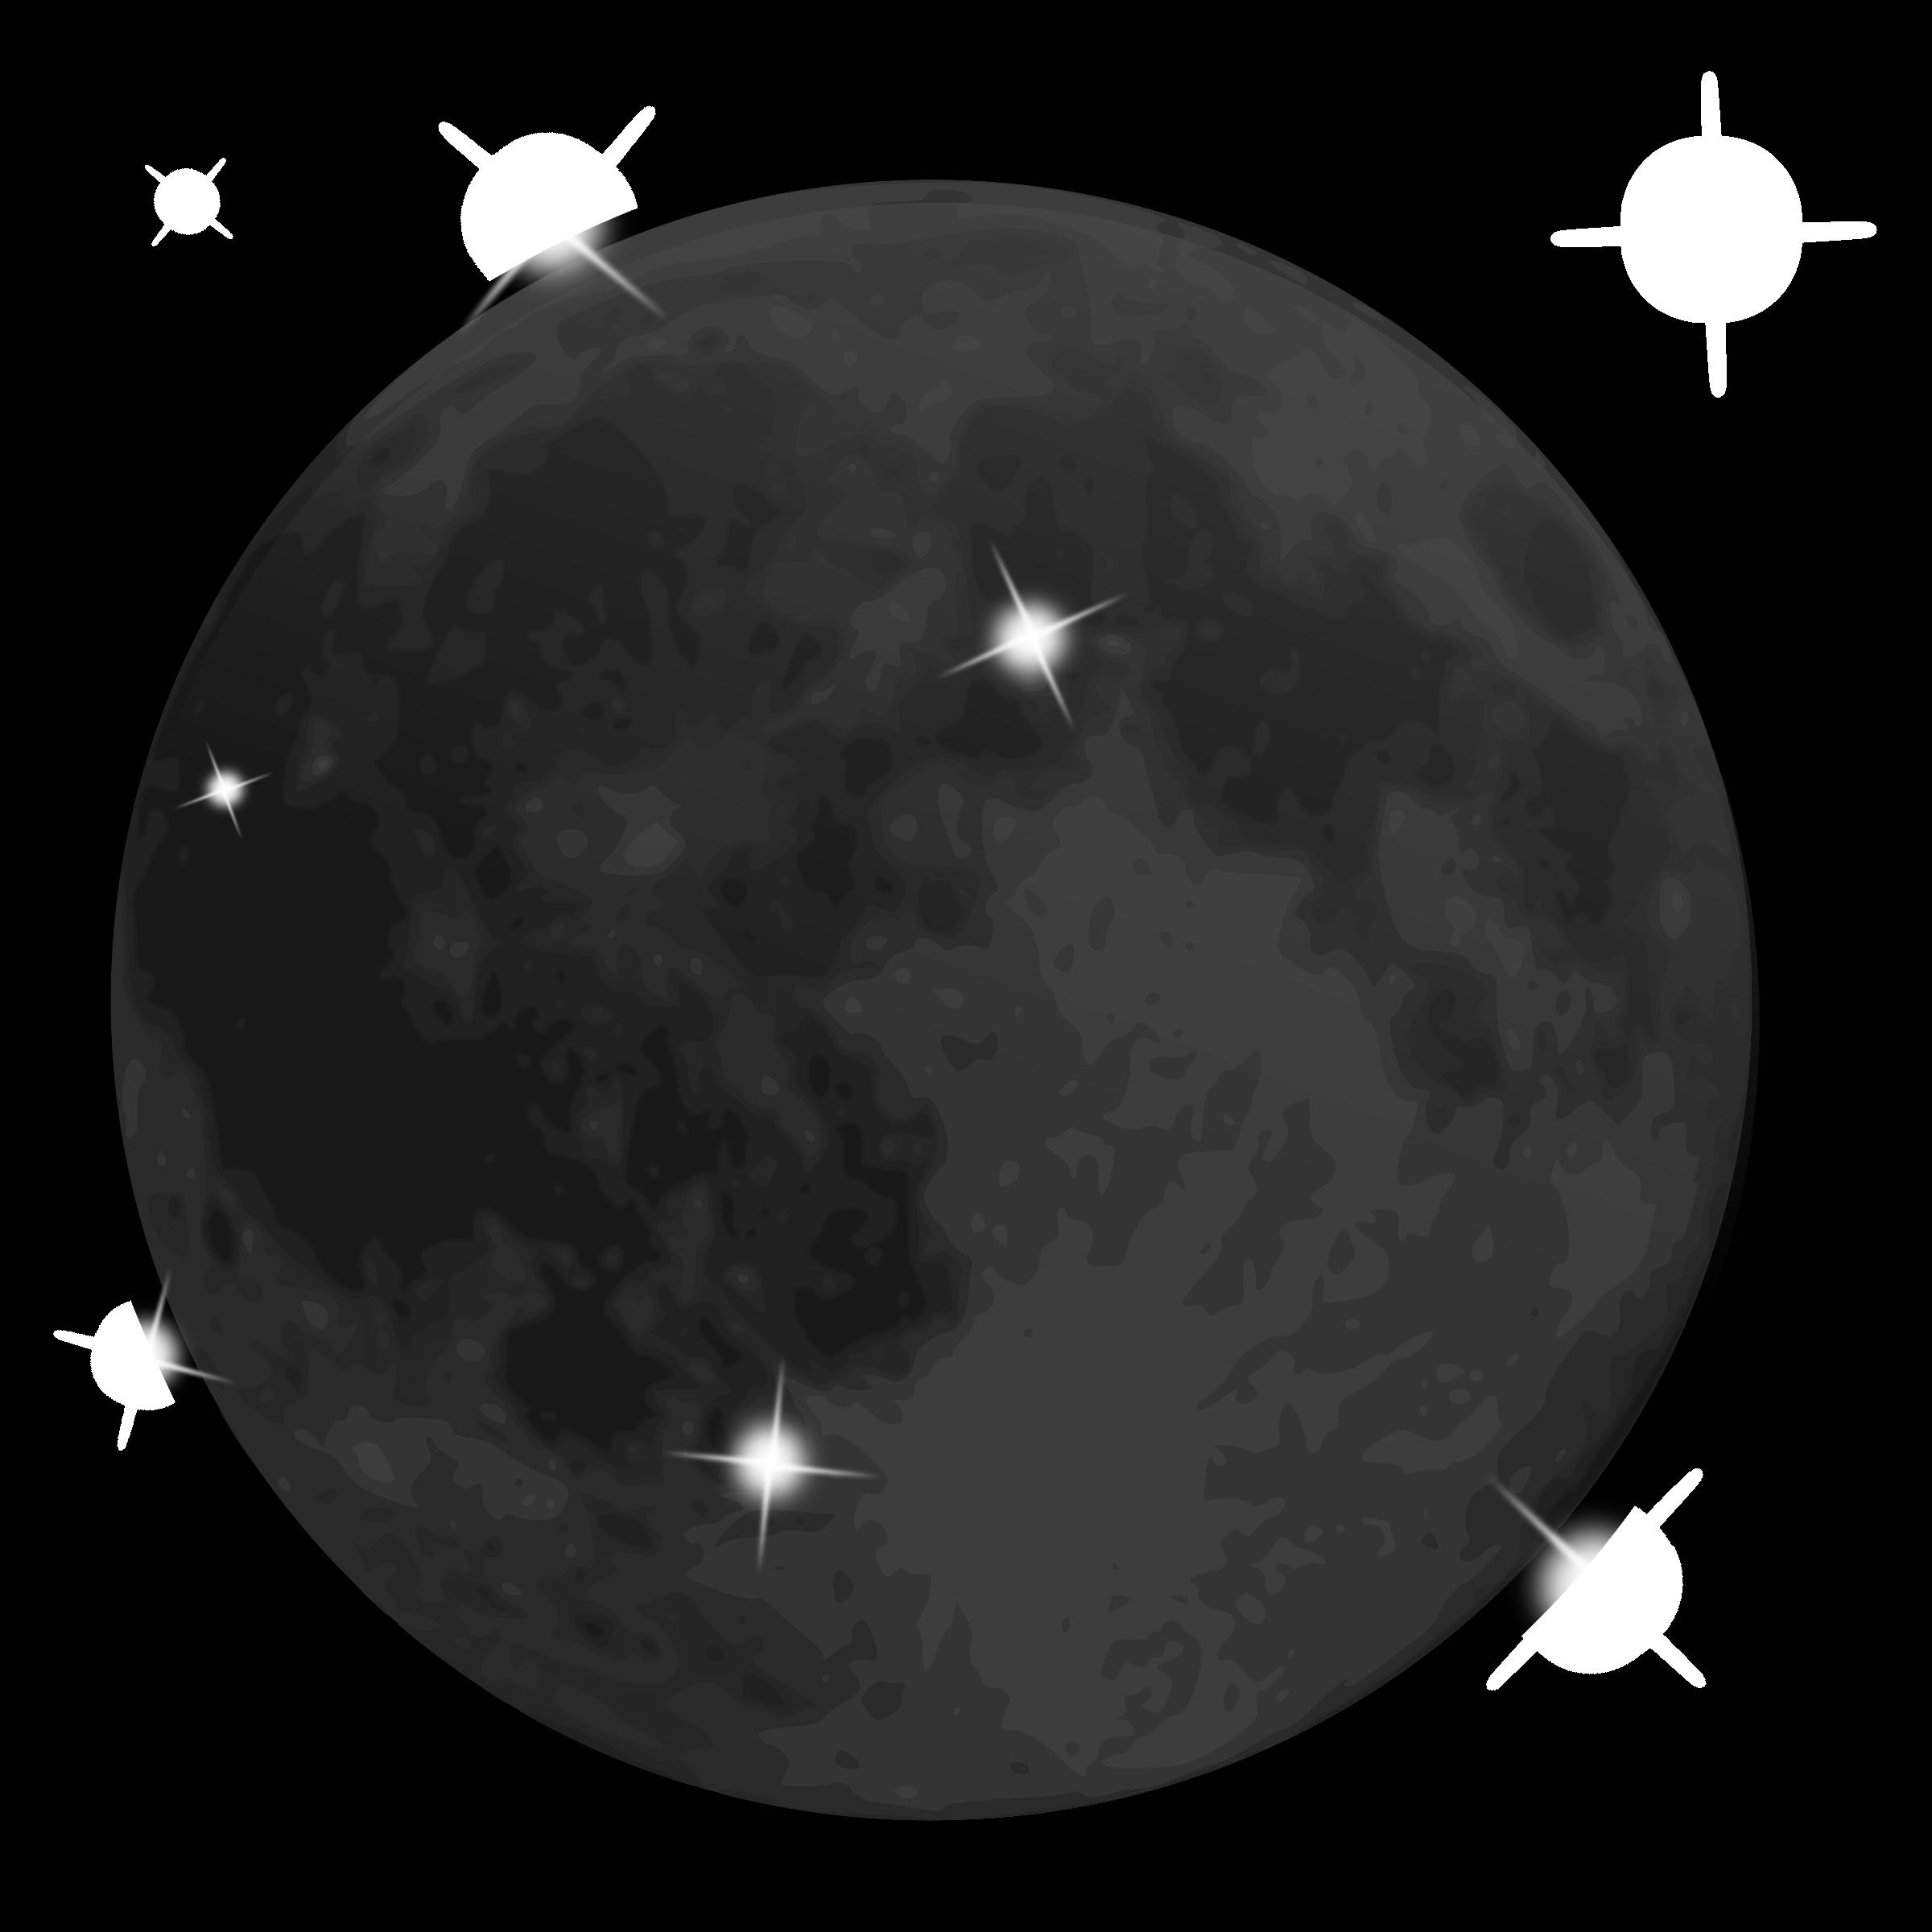 moon%20clipart